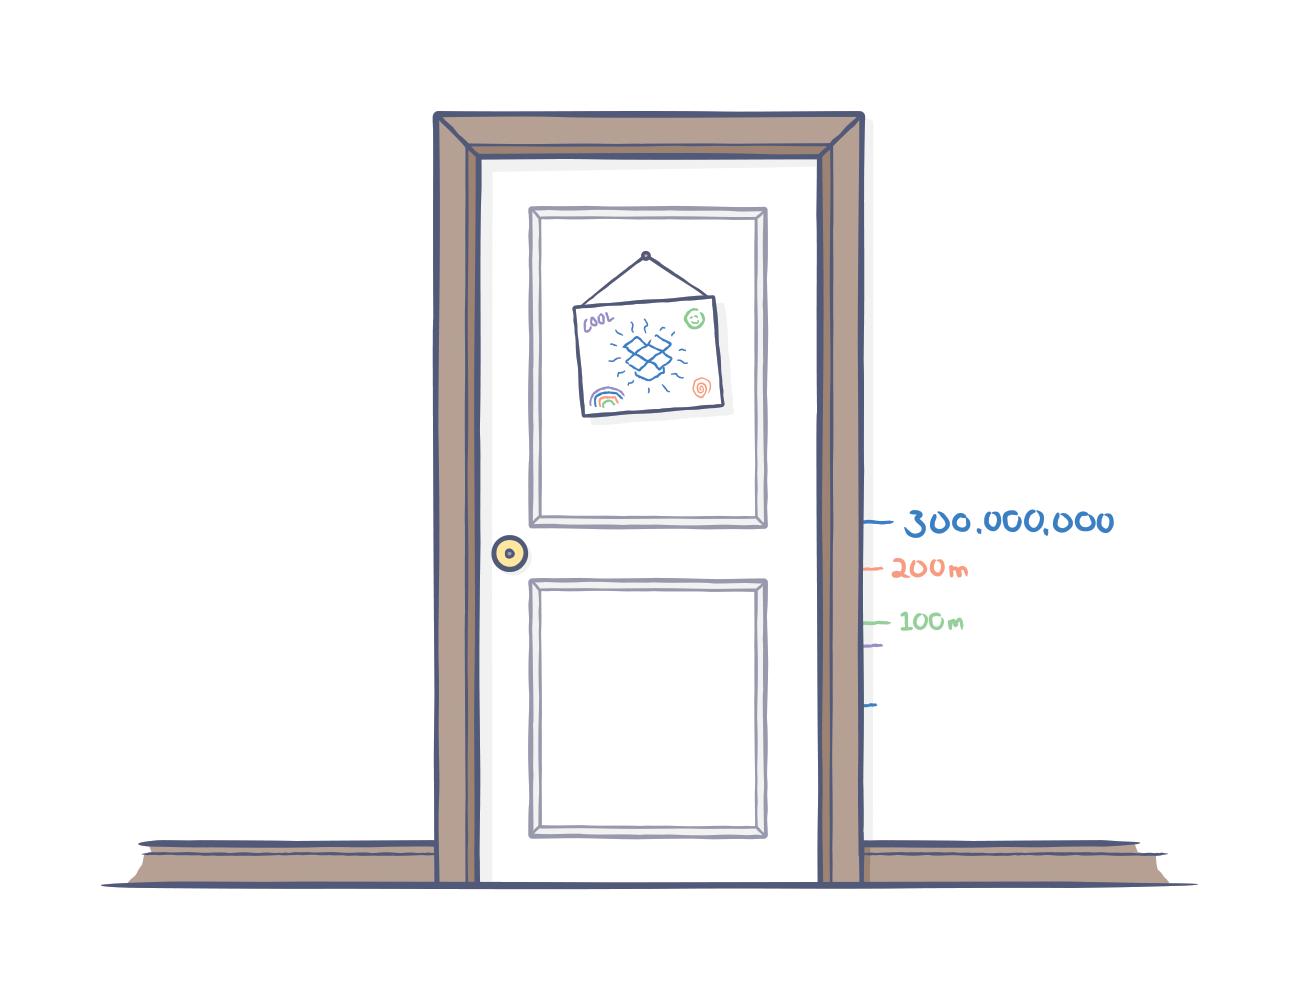 dropbox-300-millones-usuarios